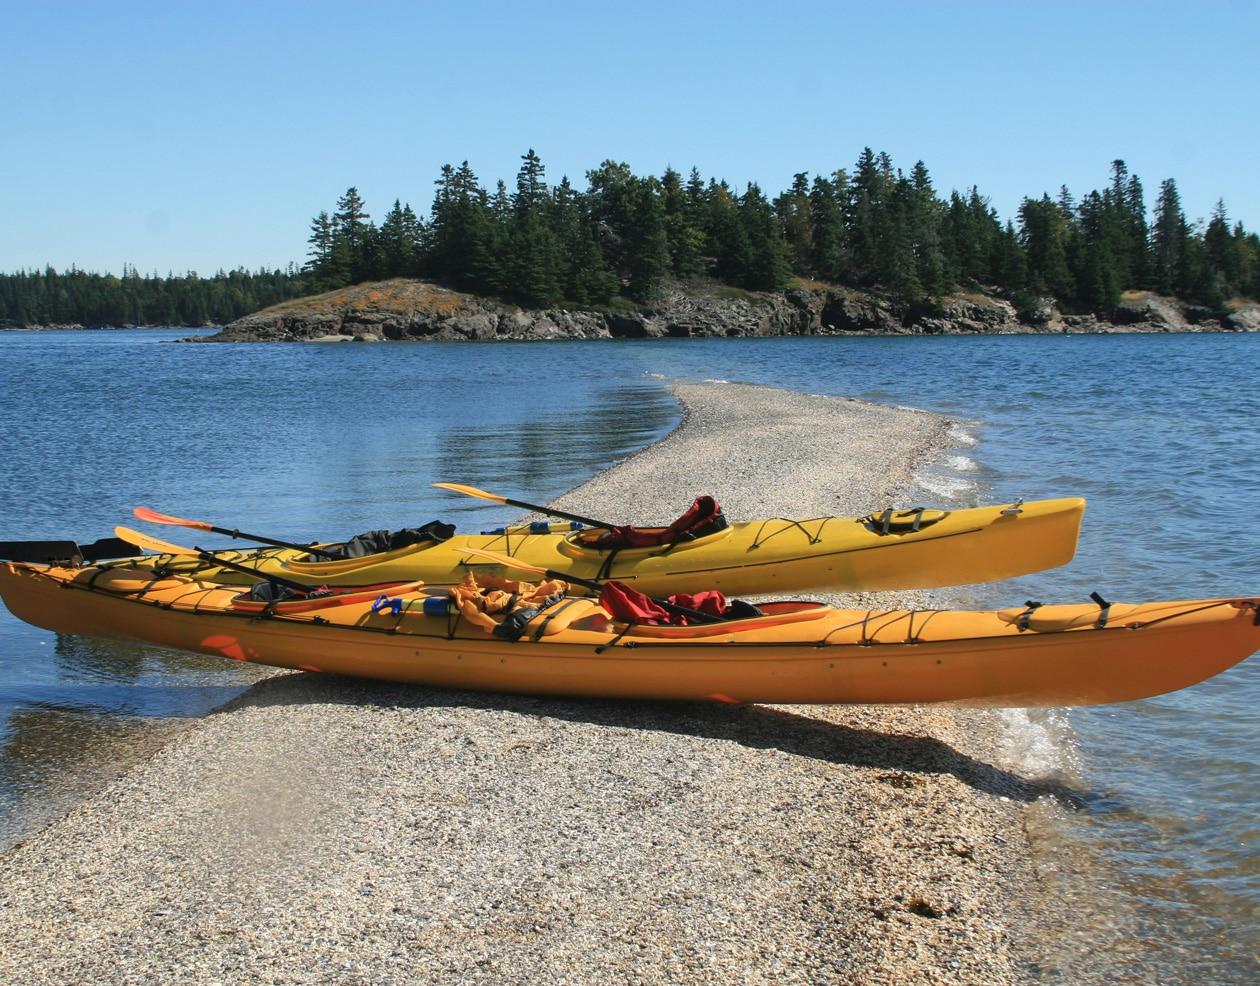 Two yellow kayaks on a sandbar